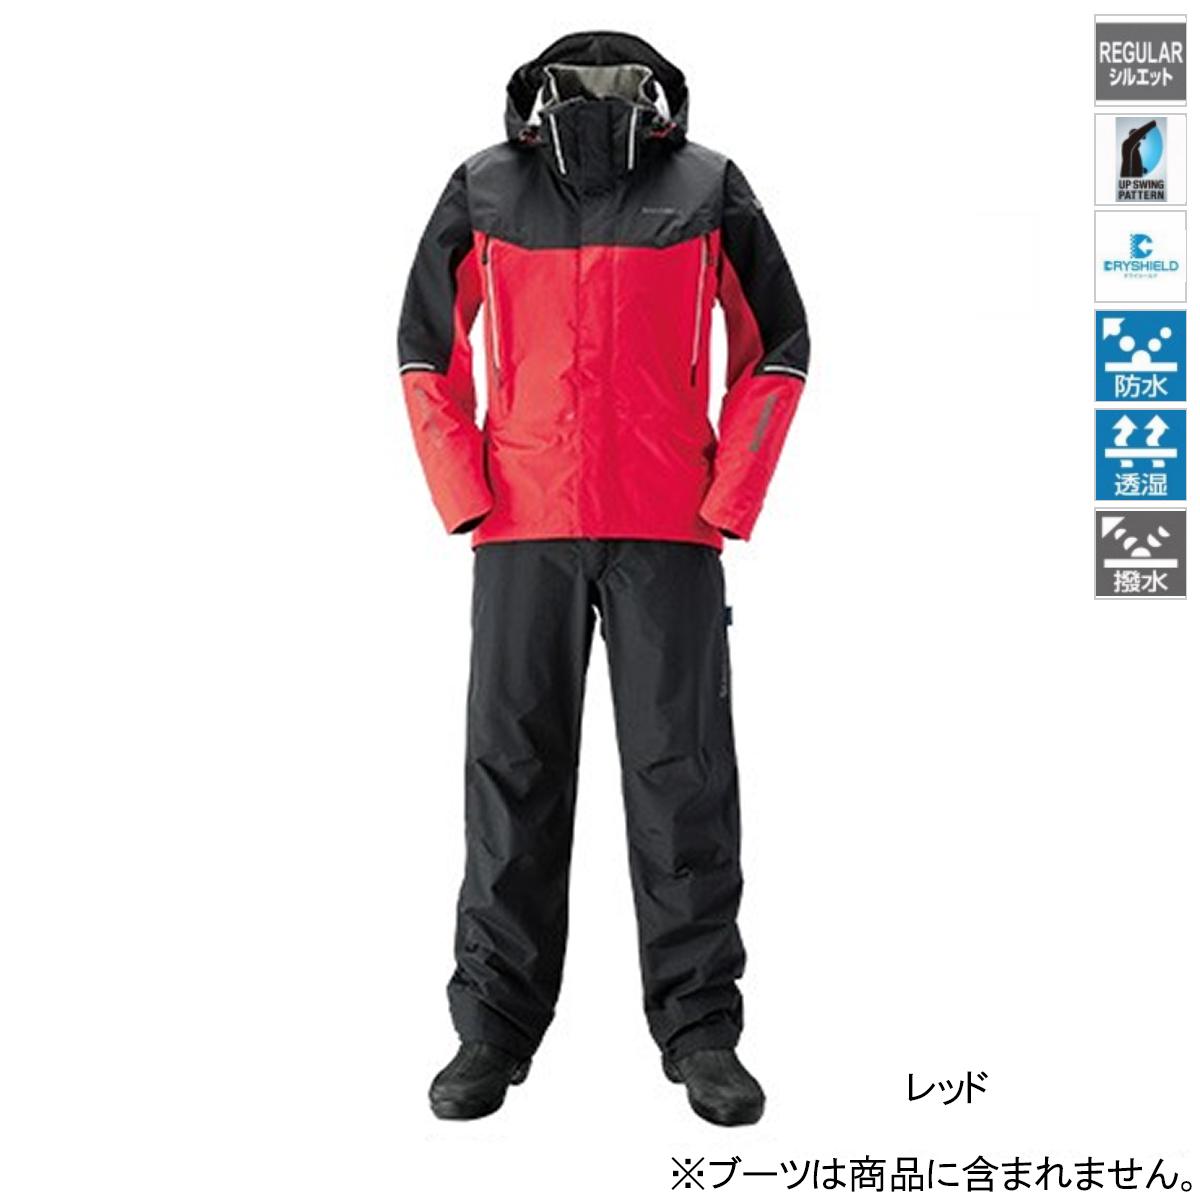 シマノ DSアドバンススーツ RA-025S M レッド【送料無料】